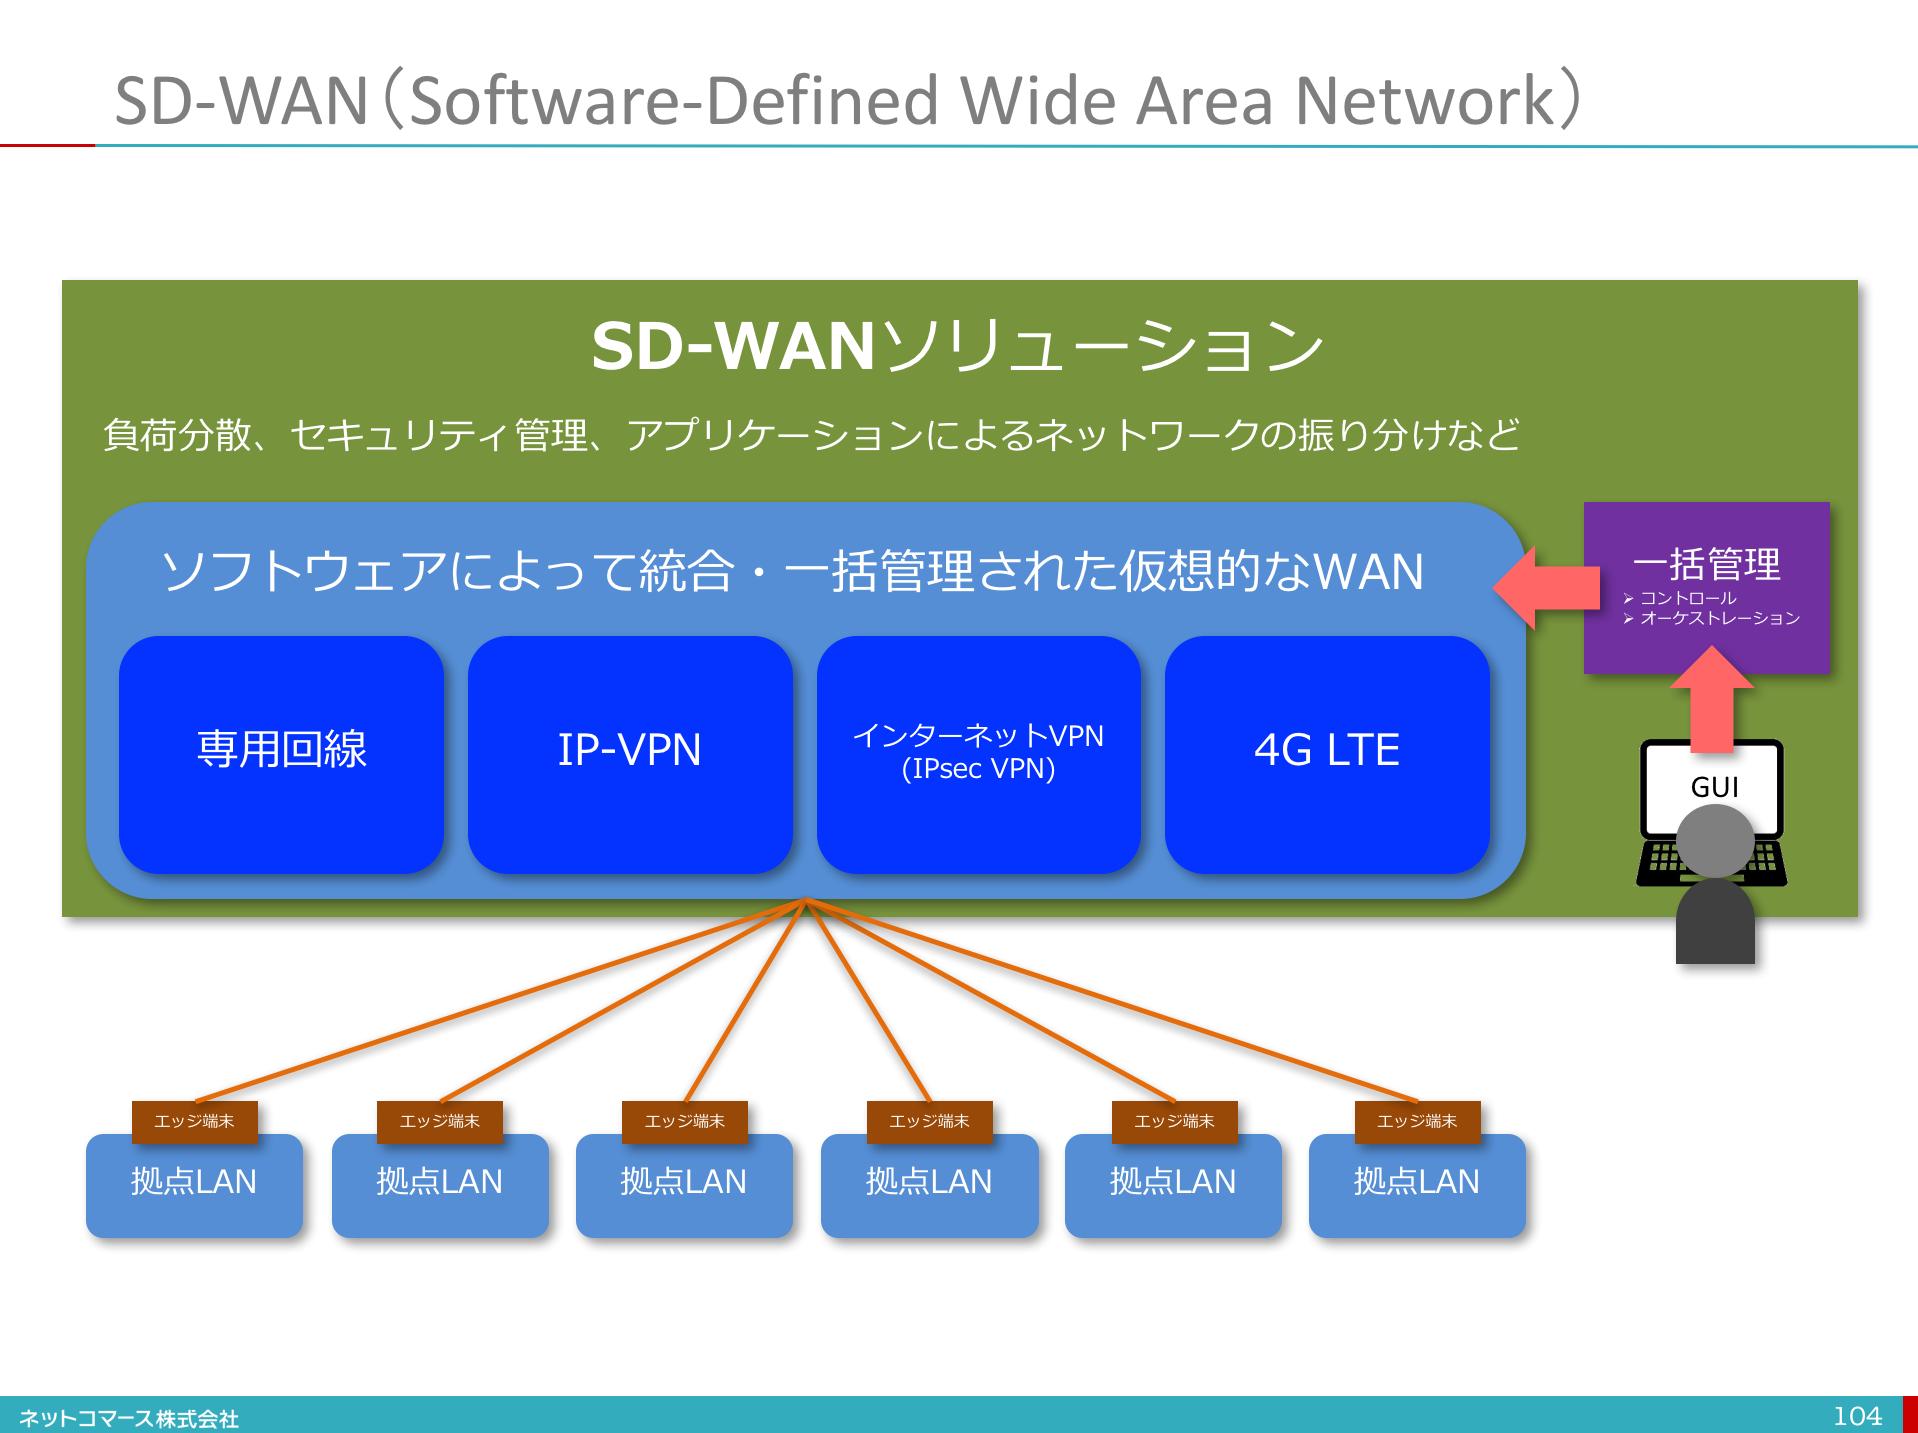 図解】コレ1枚でわかるSD-WAN(改訂版):ITソリューション塾 ...